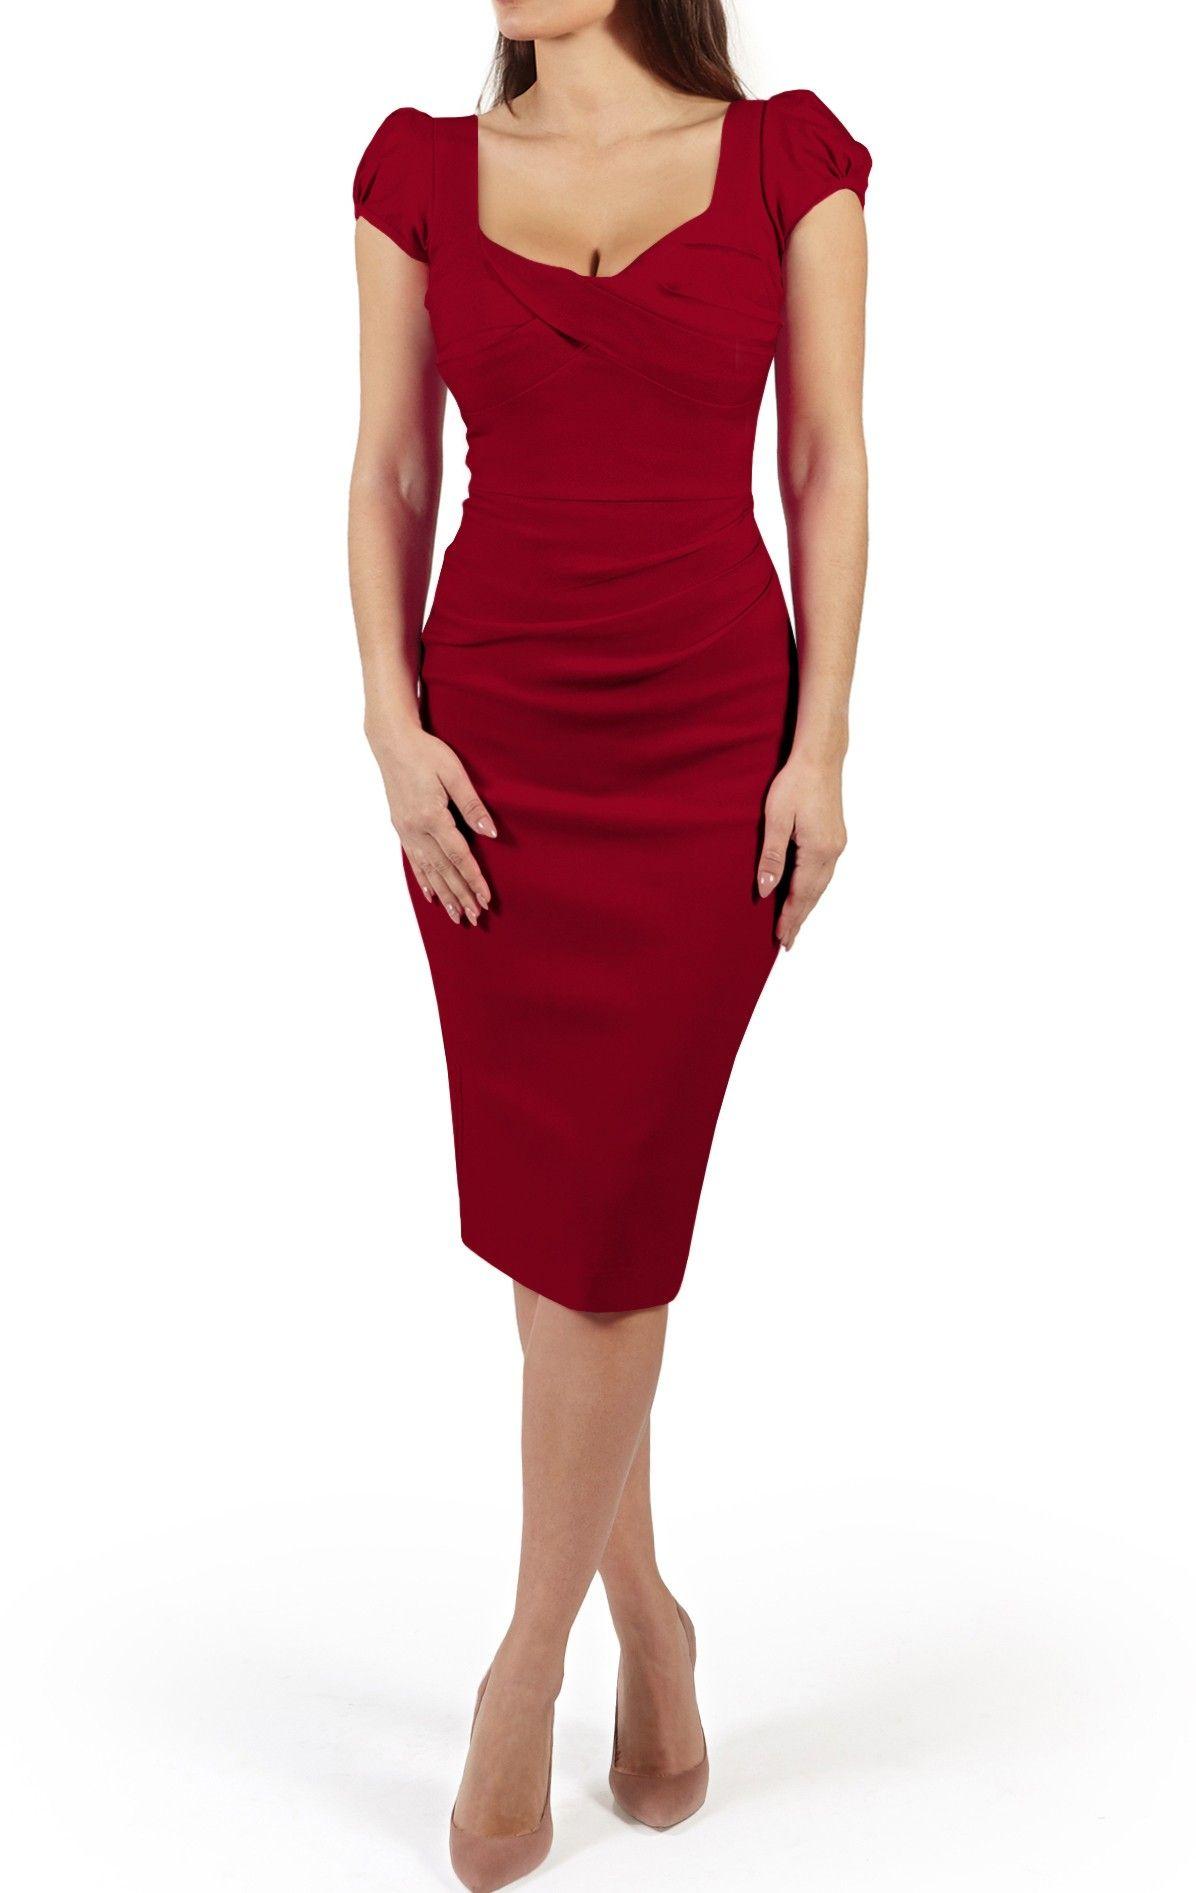 Nigella garnet dark red bodycon cocktail dress the dark red